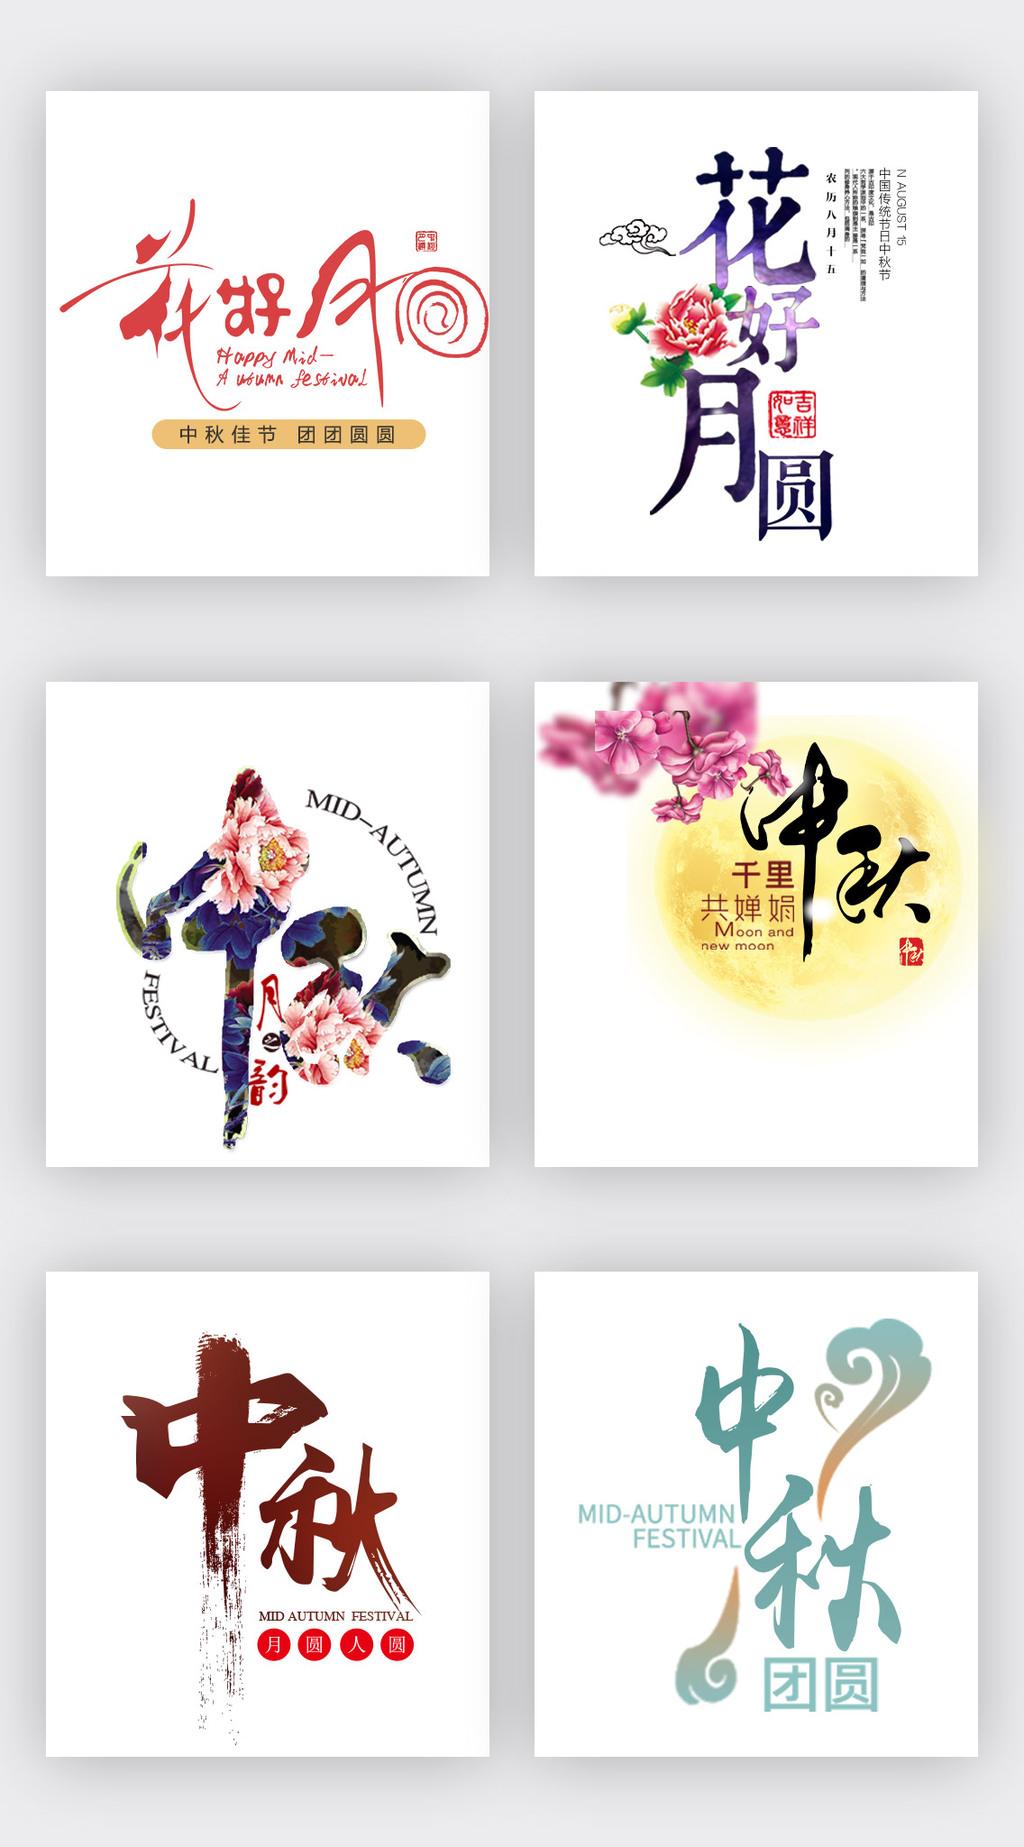 中国风中秋花好月圆艺术字体素材图片